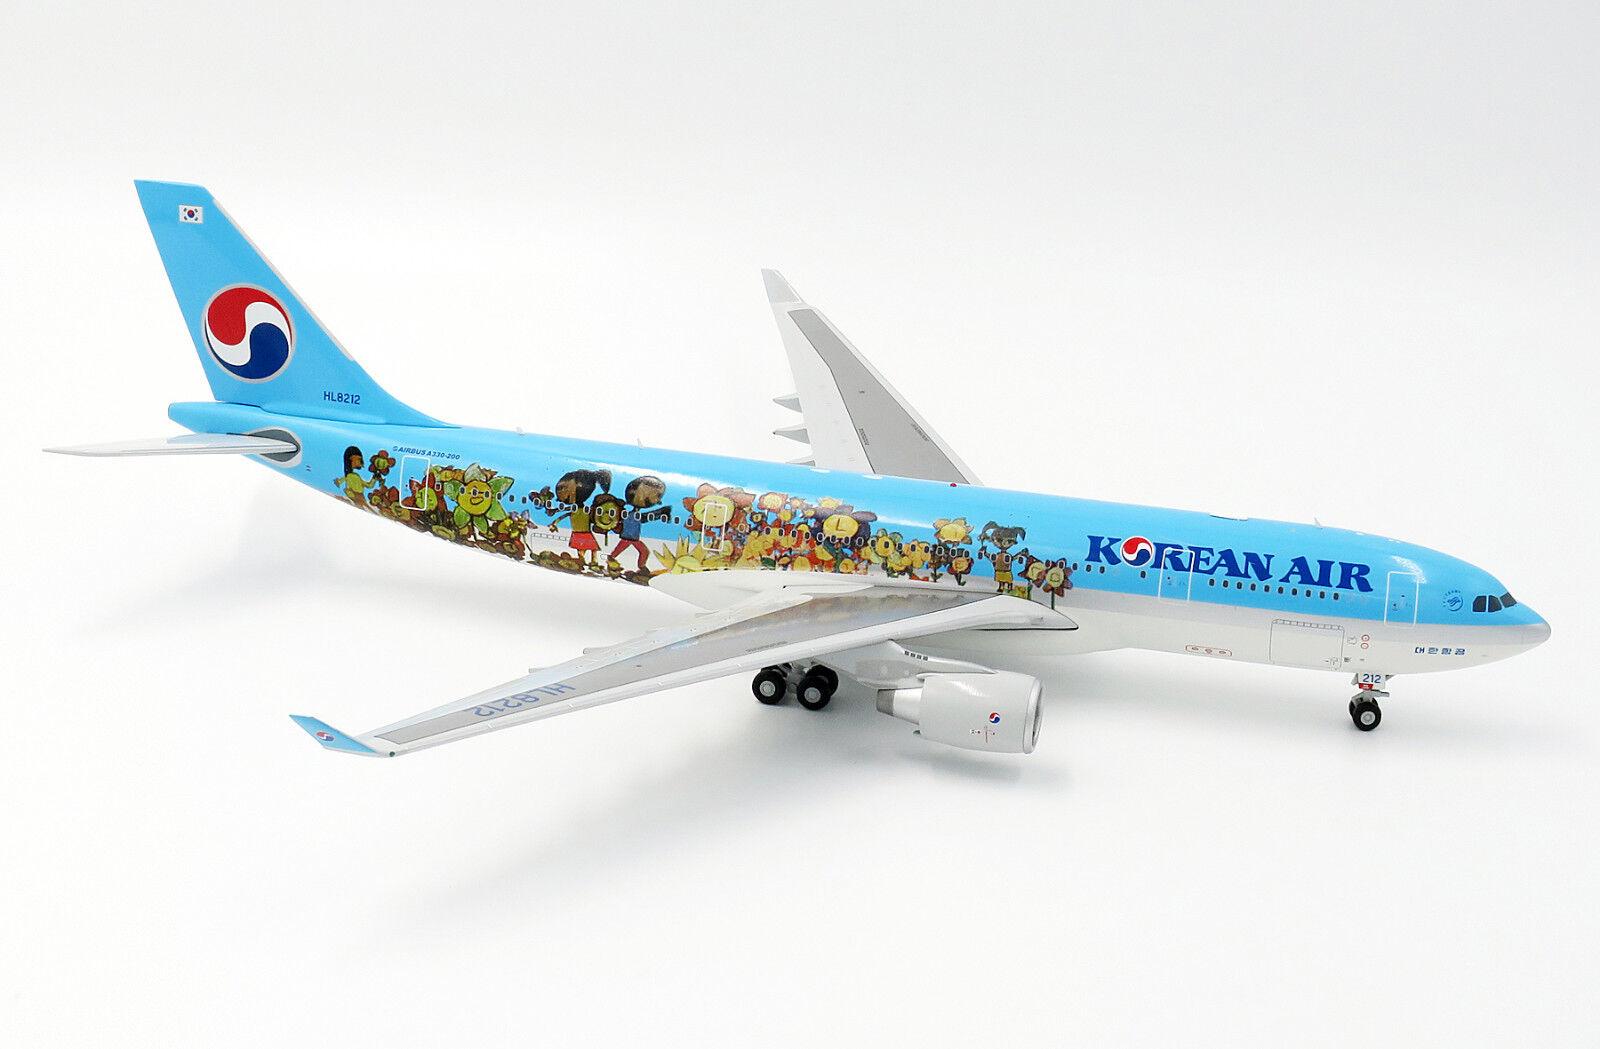 LH2085 1 200 KOREAN AIR AIRBUS A330-200 HL8212 Enfants Dessin concours avec support